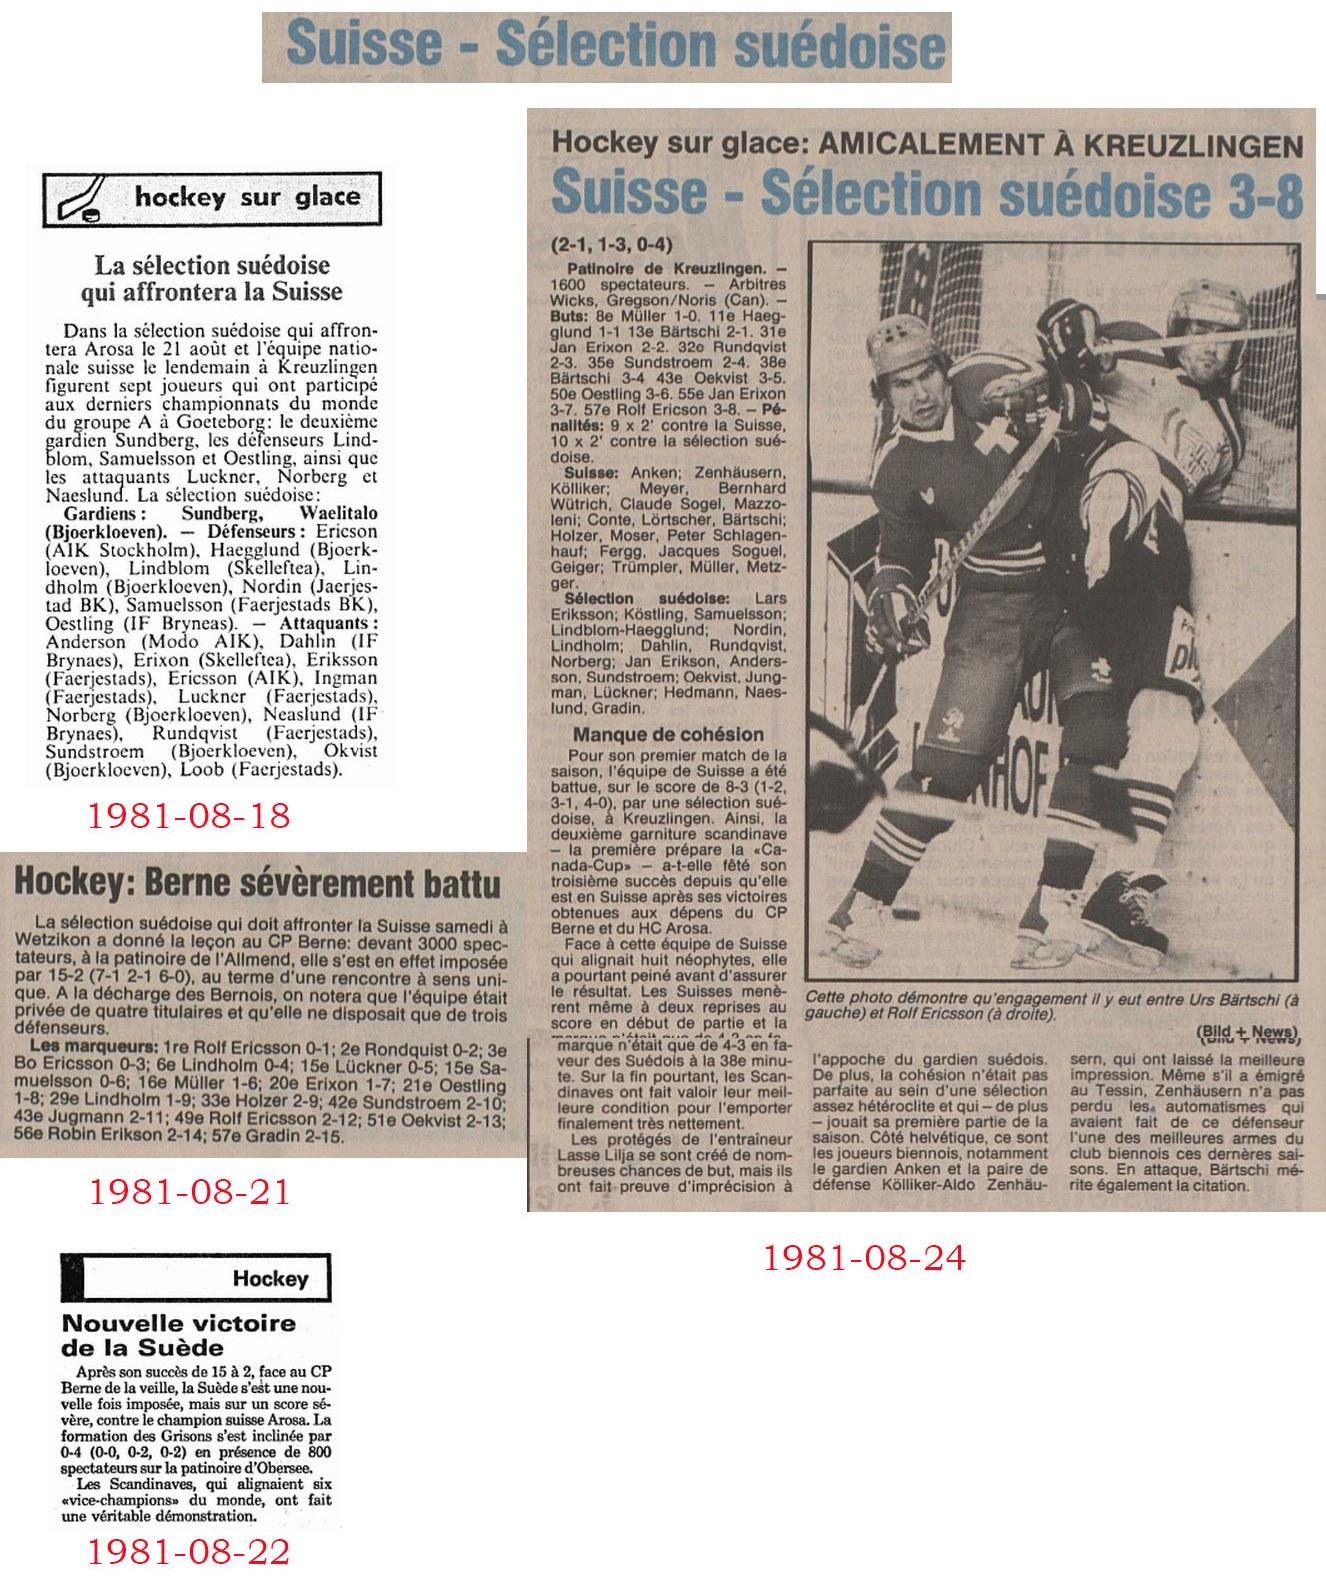 1981.Швейцария-Швеция 3-8.jpg